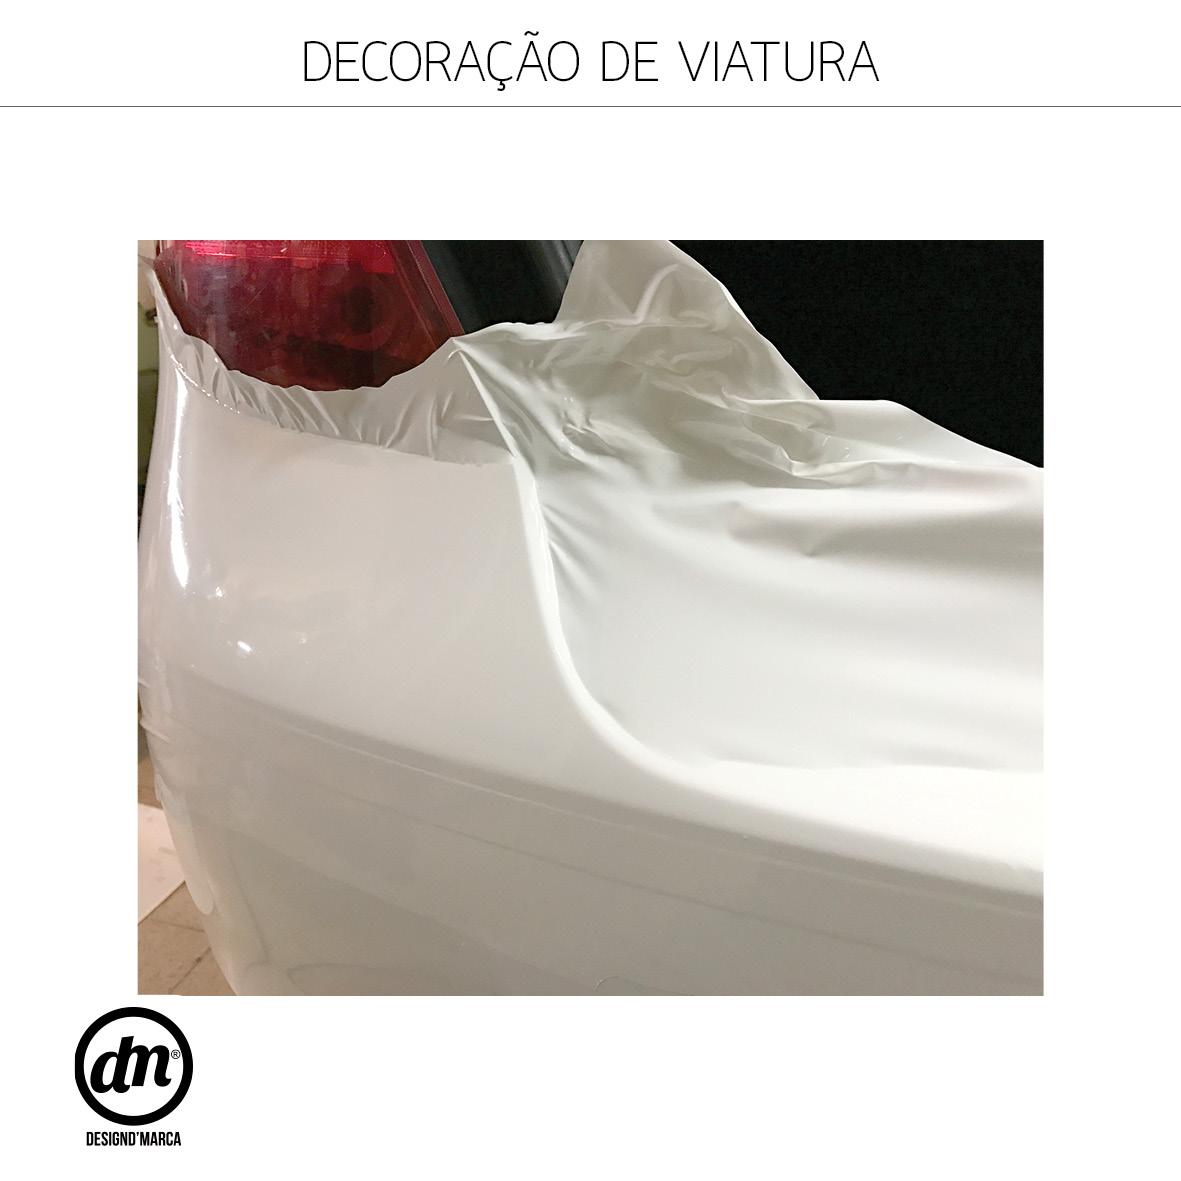 DECORAÇÃO DE VIATURA